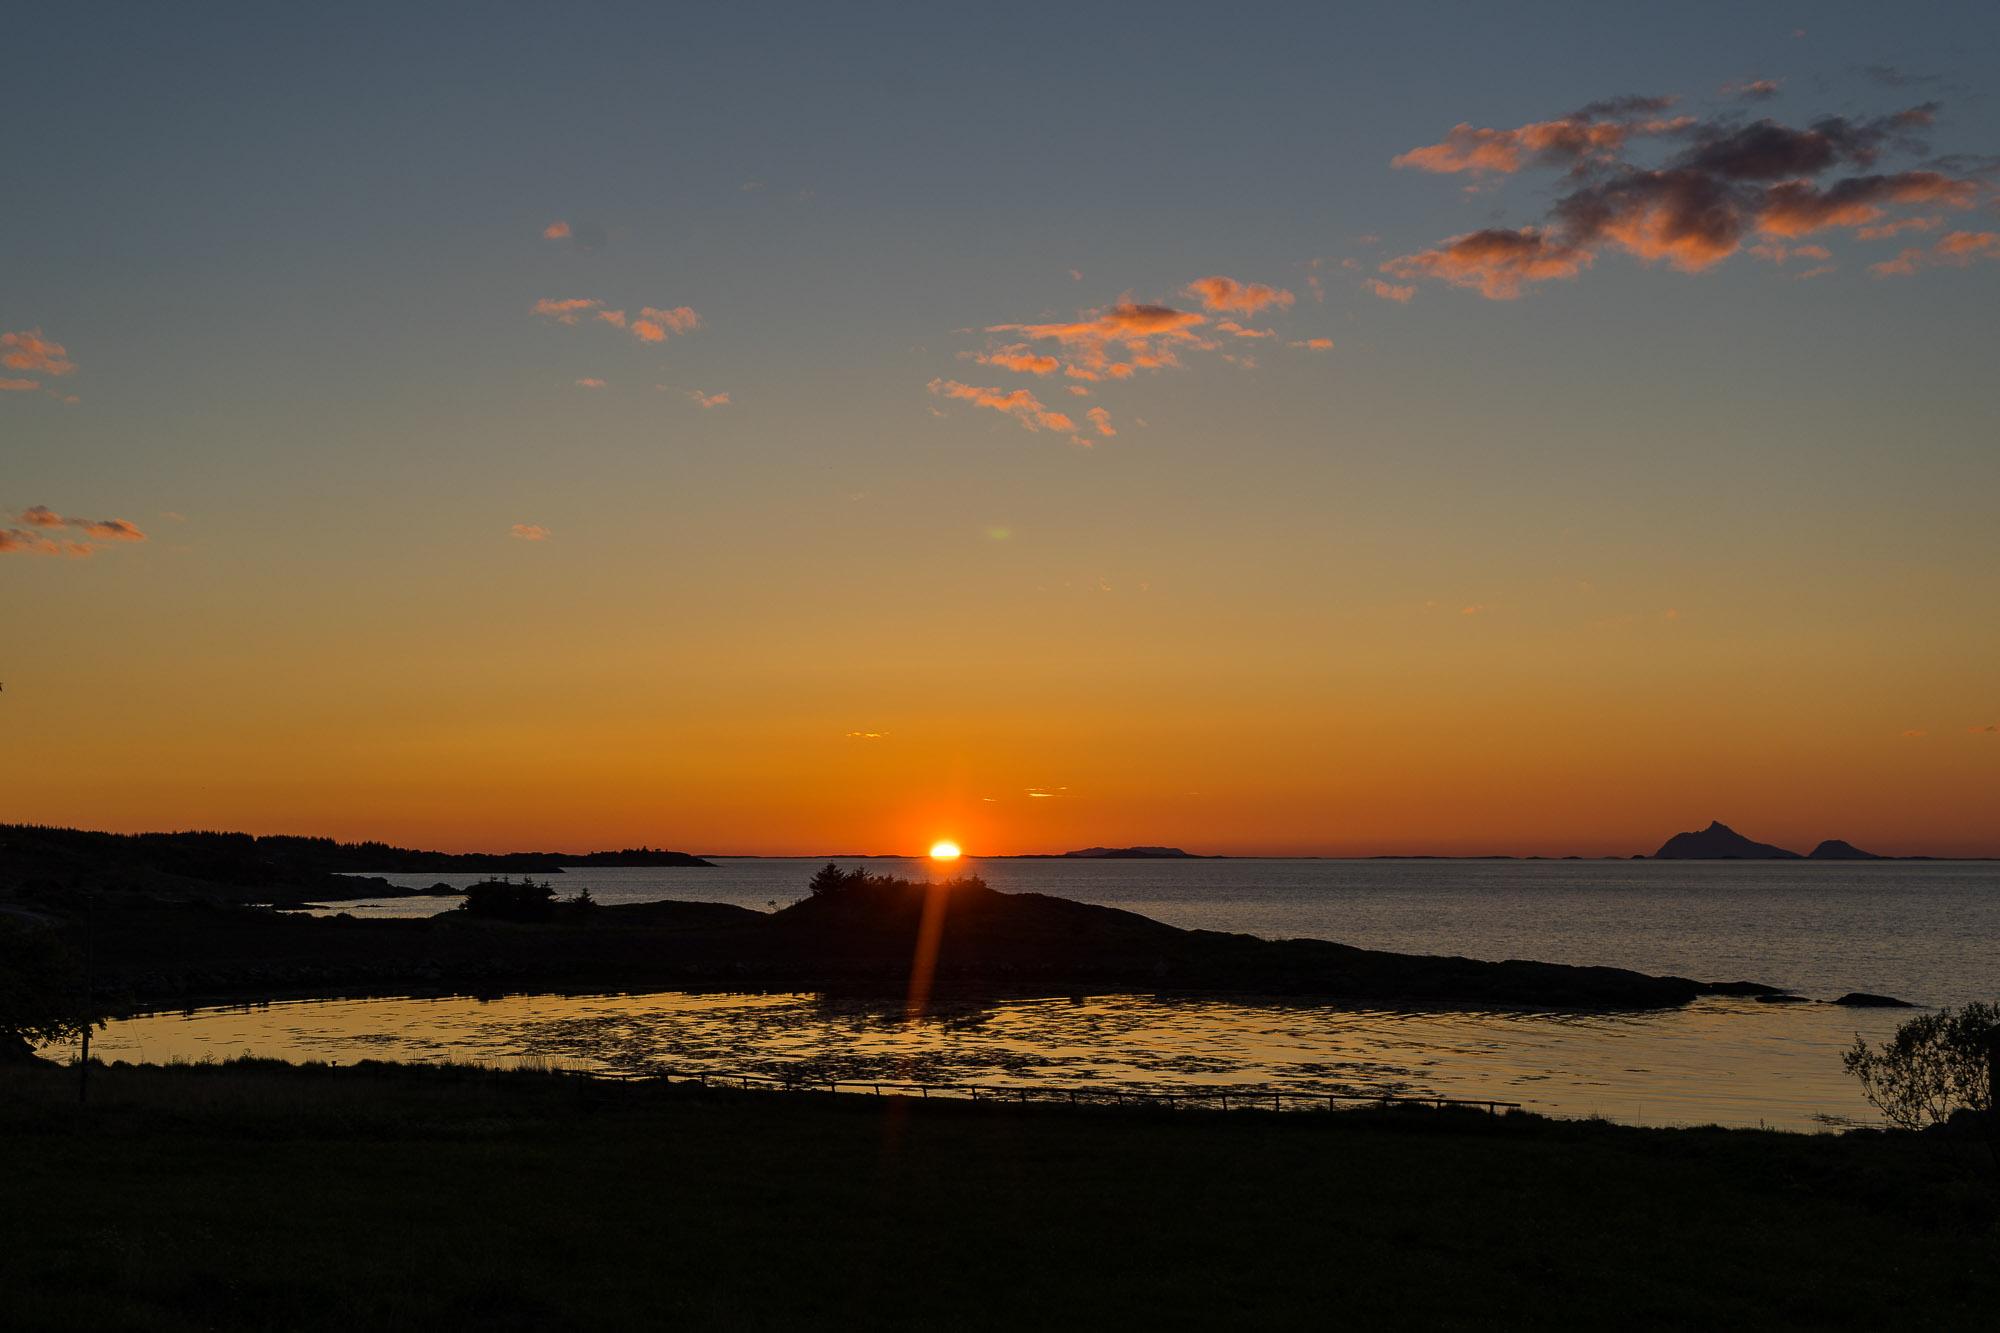 """I sommer kjørte jeg og min samboer kystriksveien fra Namsos til Bodø. Dette bildet er tatt på øya Dønna som ligger i Nordland fylke (Helgeland). En fantastisk plass med rikt dyreliv og med midnattssol ble dette en uforglemmelig kveld og natt. Bildet ble tatt med Sony fullformat 27-70. Tidspunktet er 13. juni kl. 01.00 Sitat av Jan E. Skagen """"Så vakkert kan det være i det fargespill som rår den røde horisonten ei sol som ei går ned gir lys og ro i sinnet det er midnattssol og fred"""